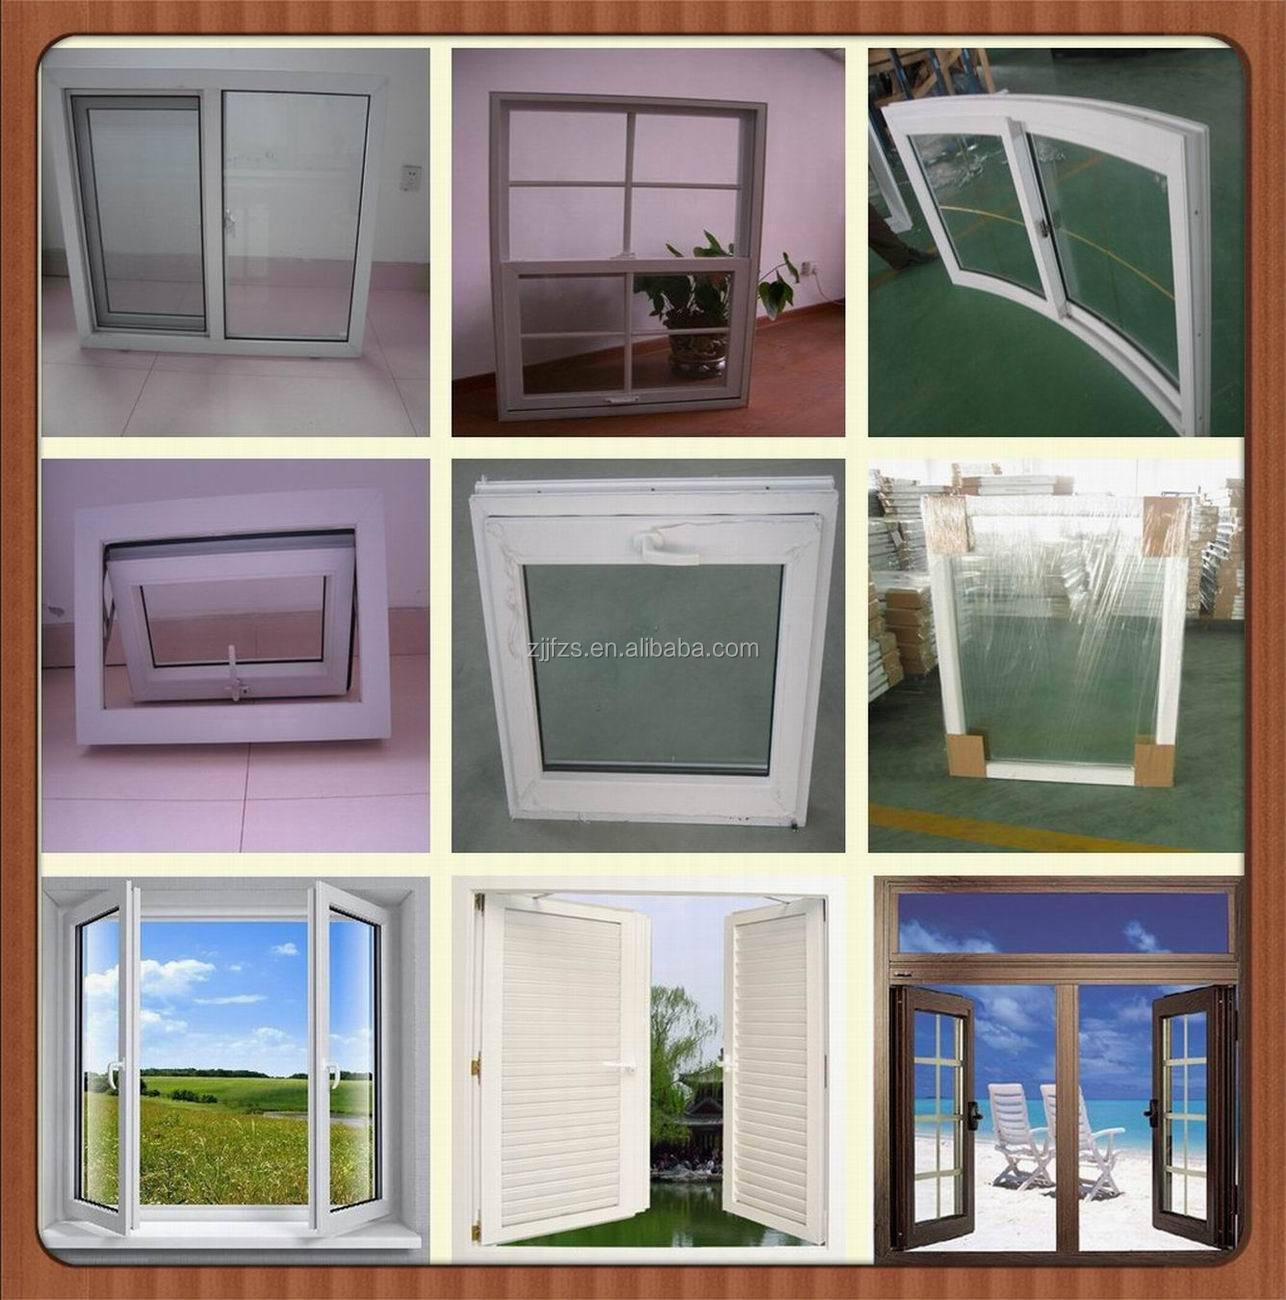 casement window design